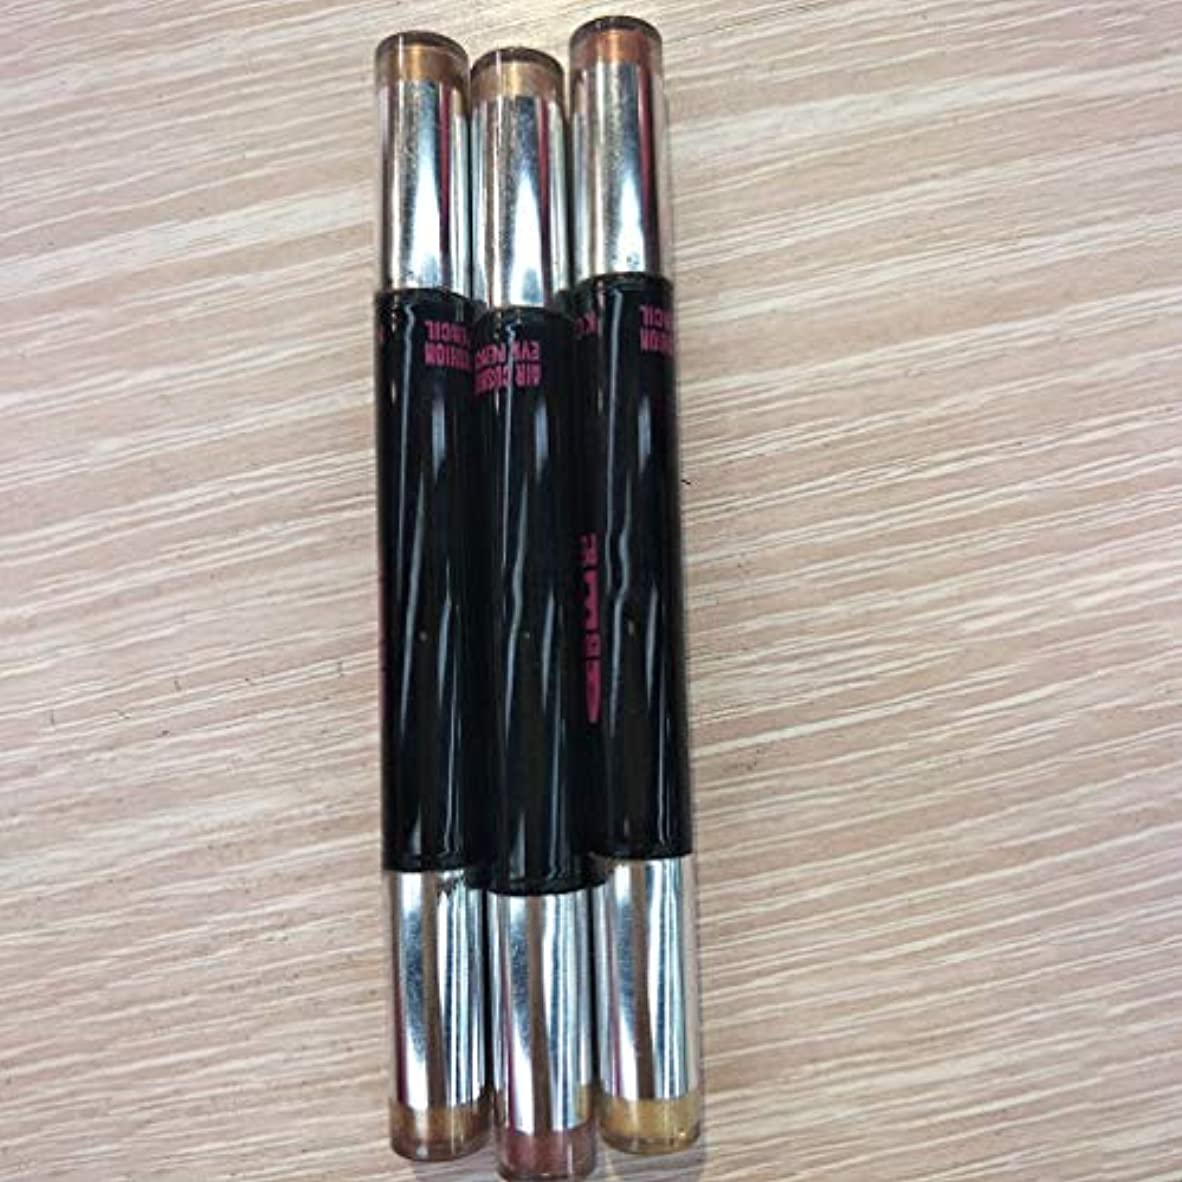 ストレス専門敗北ダブルヘッドアイシャドウスティックナチュラルエアクッショングリッターアイシャドウペンメイク鉛筆化粧品のツールを長持ち